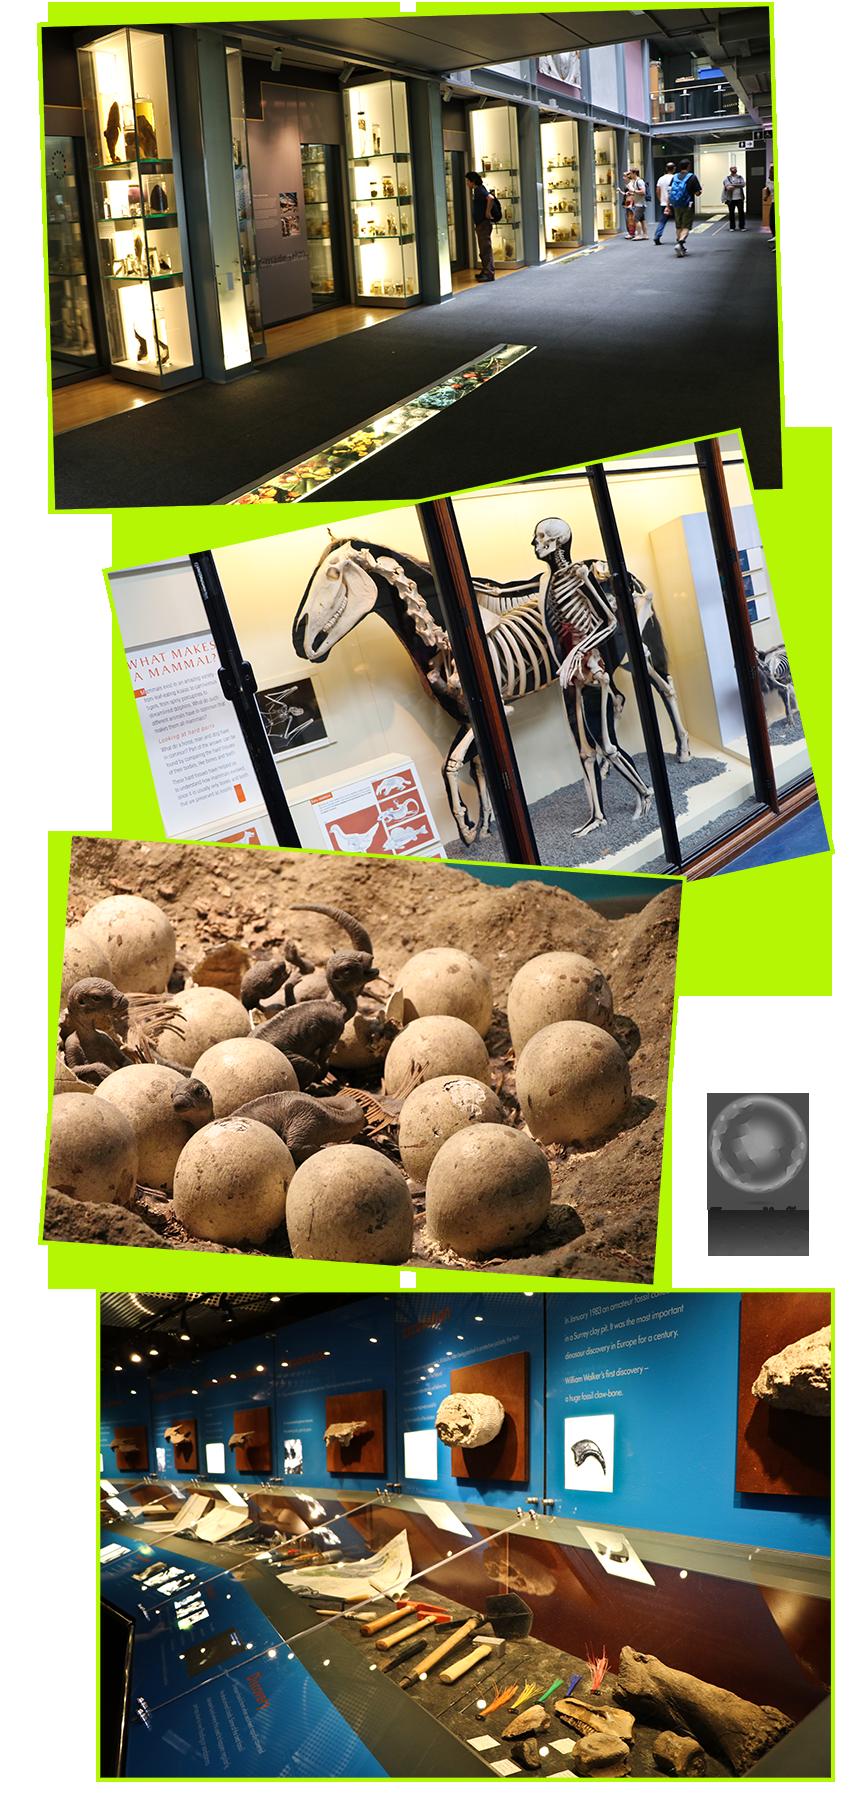 expedicao-vida-museu-historia-natural-londres-3